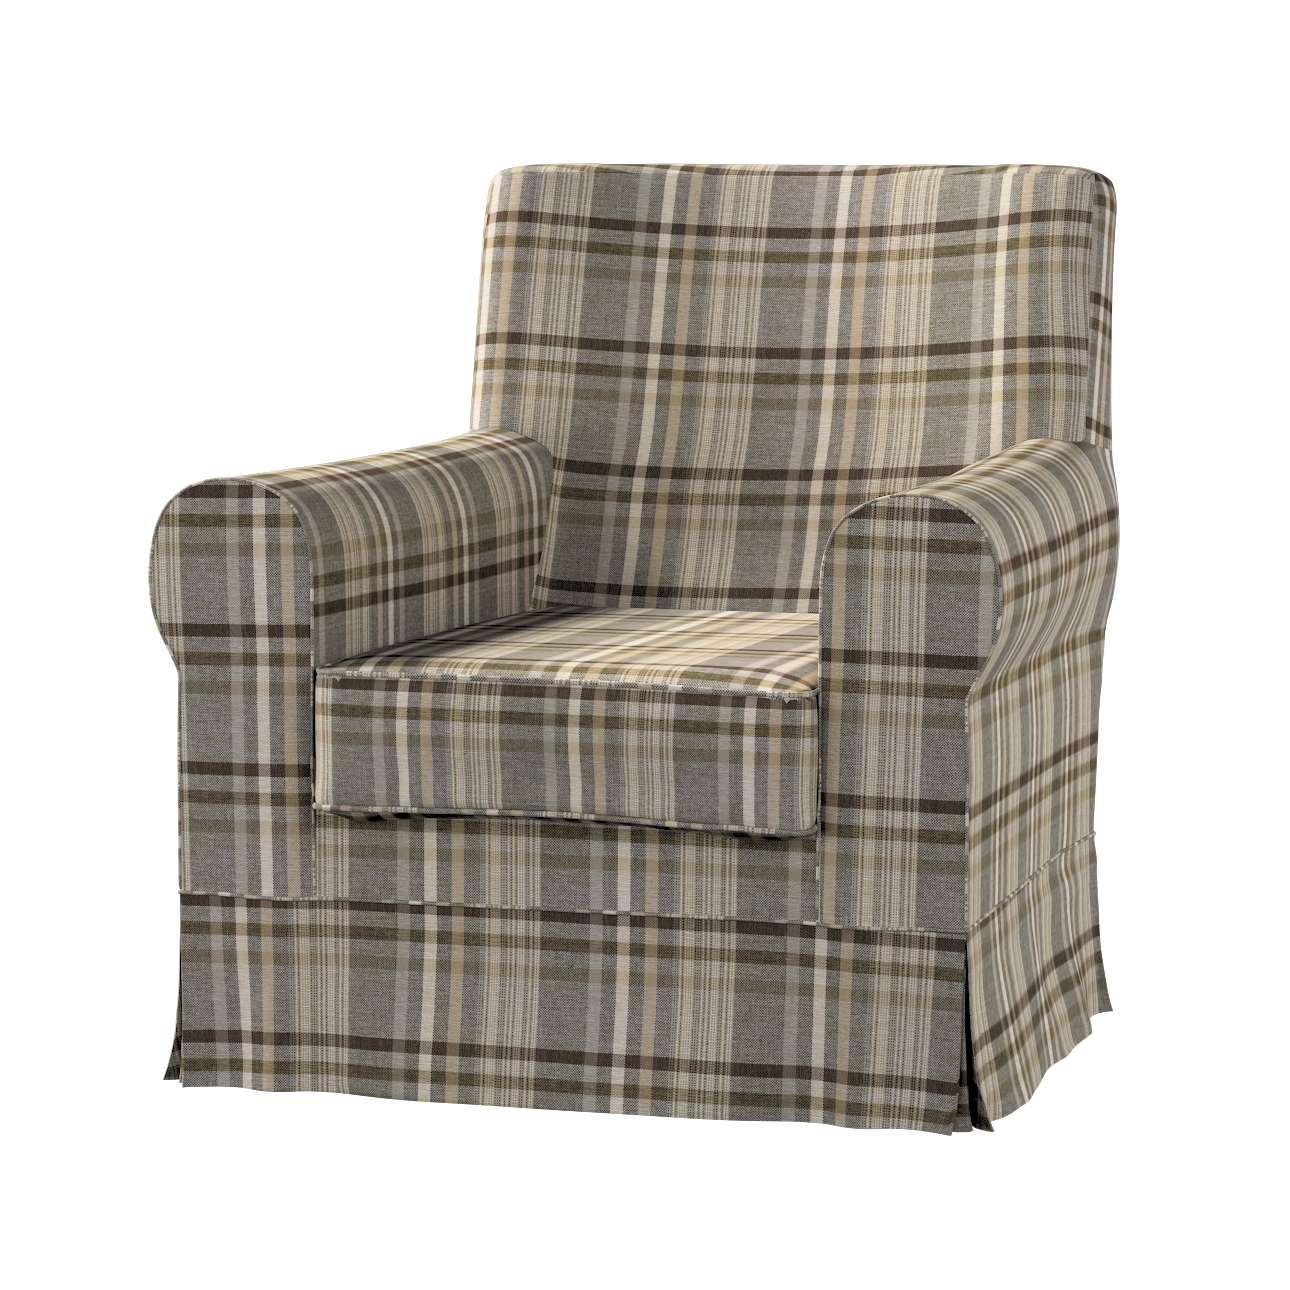 Pokrowiec na fotel Ektorp Jennylund w kolekcji Edinburgh, tkanina: 703-17